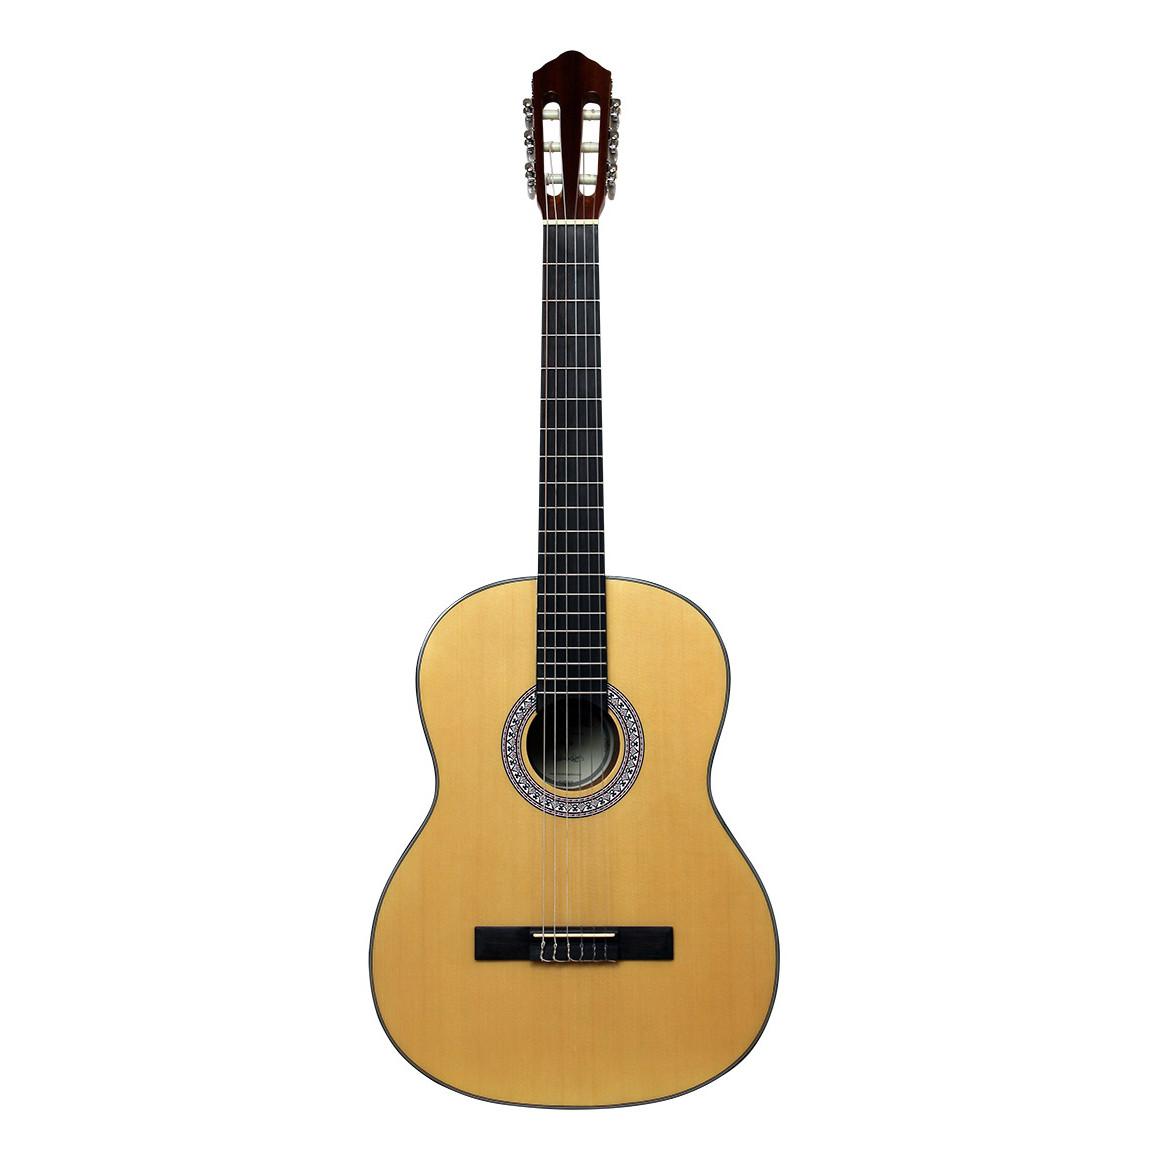 Billede af Santana B8 NA v2 spansk-guitar nature